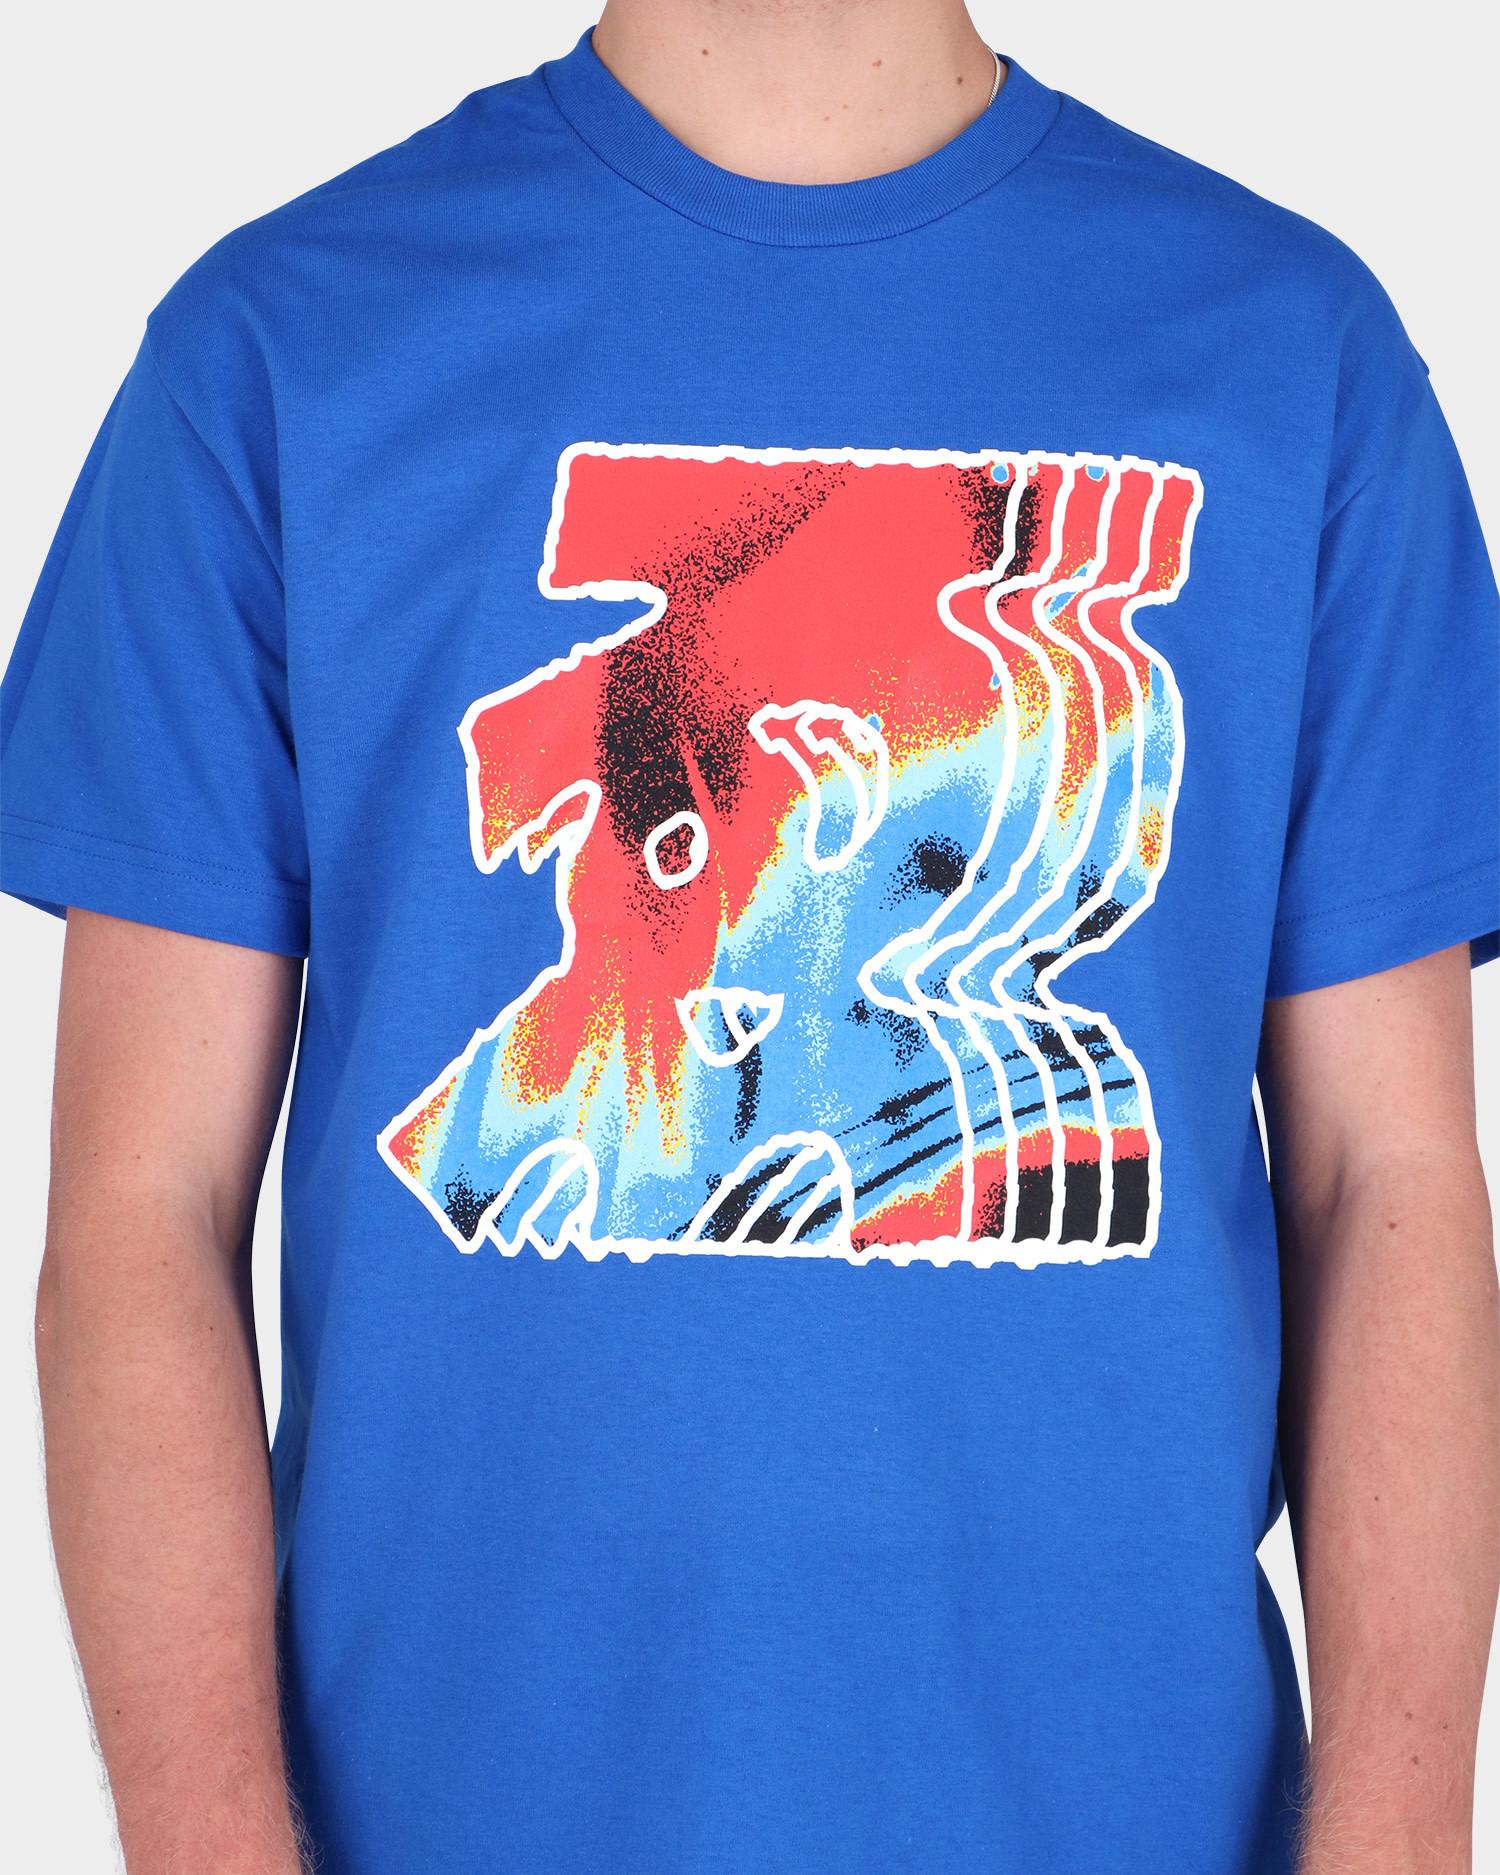 Evisen Wyeasty T-shirt Blue